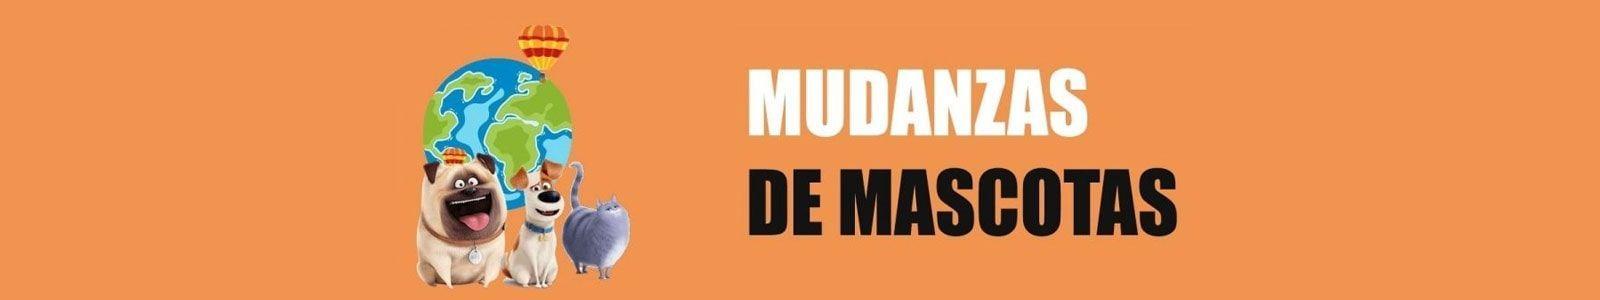 TRANSPORTE Y MUDANZAS DE MASCOTAS